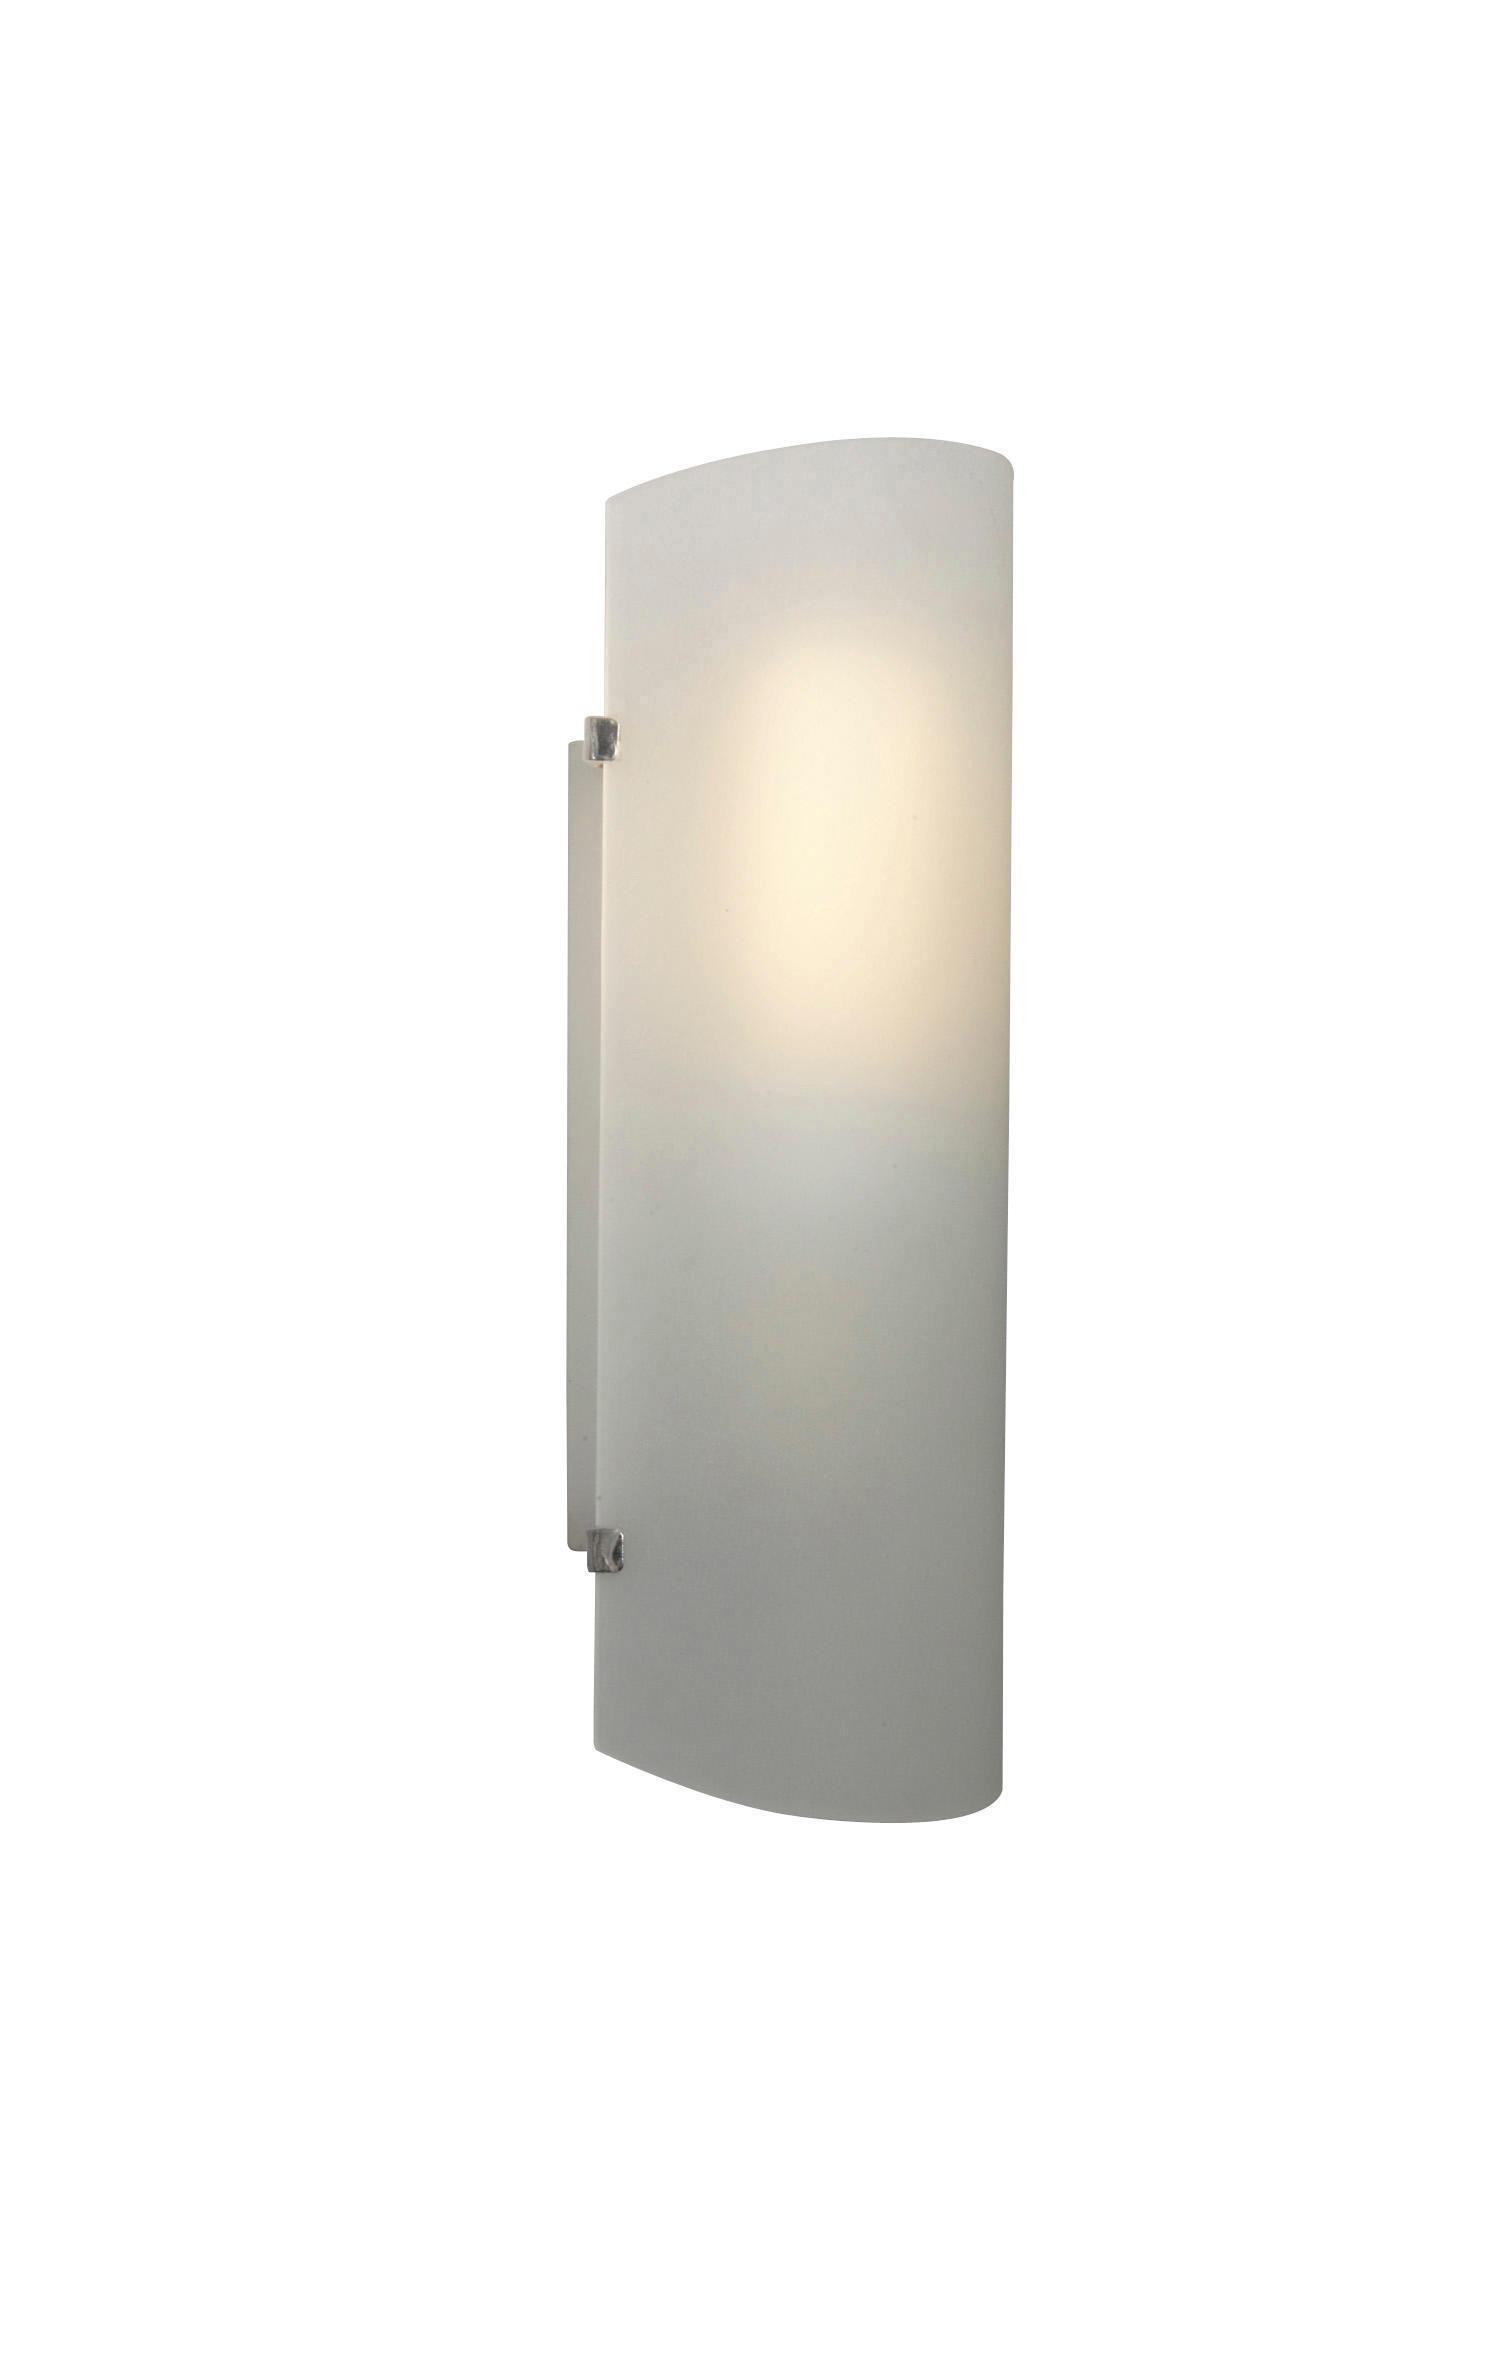 Applique classico Hanko bianco, in vetro, 26.0x10.5 cm, - 1